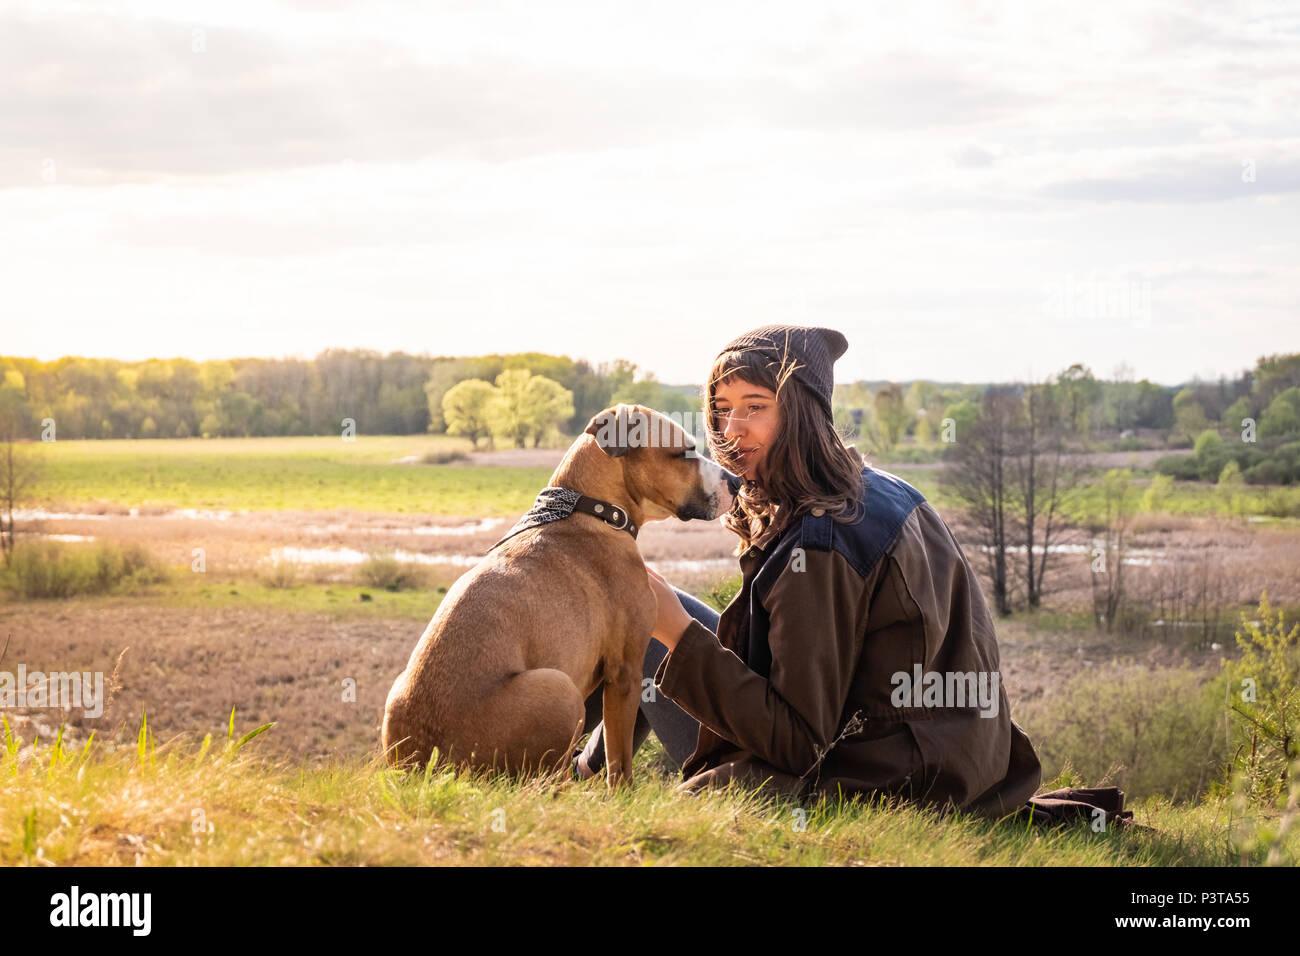 Belle randonnée girl s'asseoir sur la colline avec le chien à marcher. Jeune femme avec chien chinois à meadow lors des chaudes après-midi ensoleillé Photo Stock